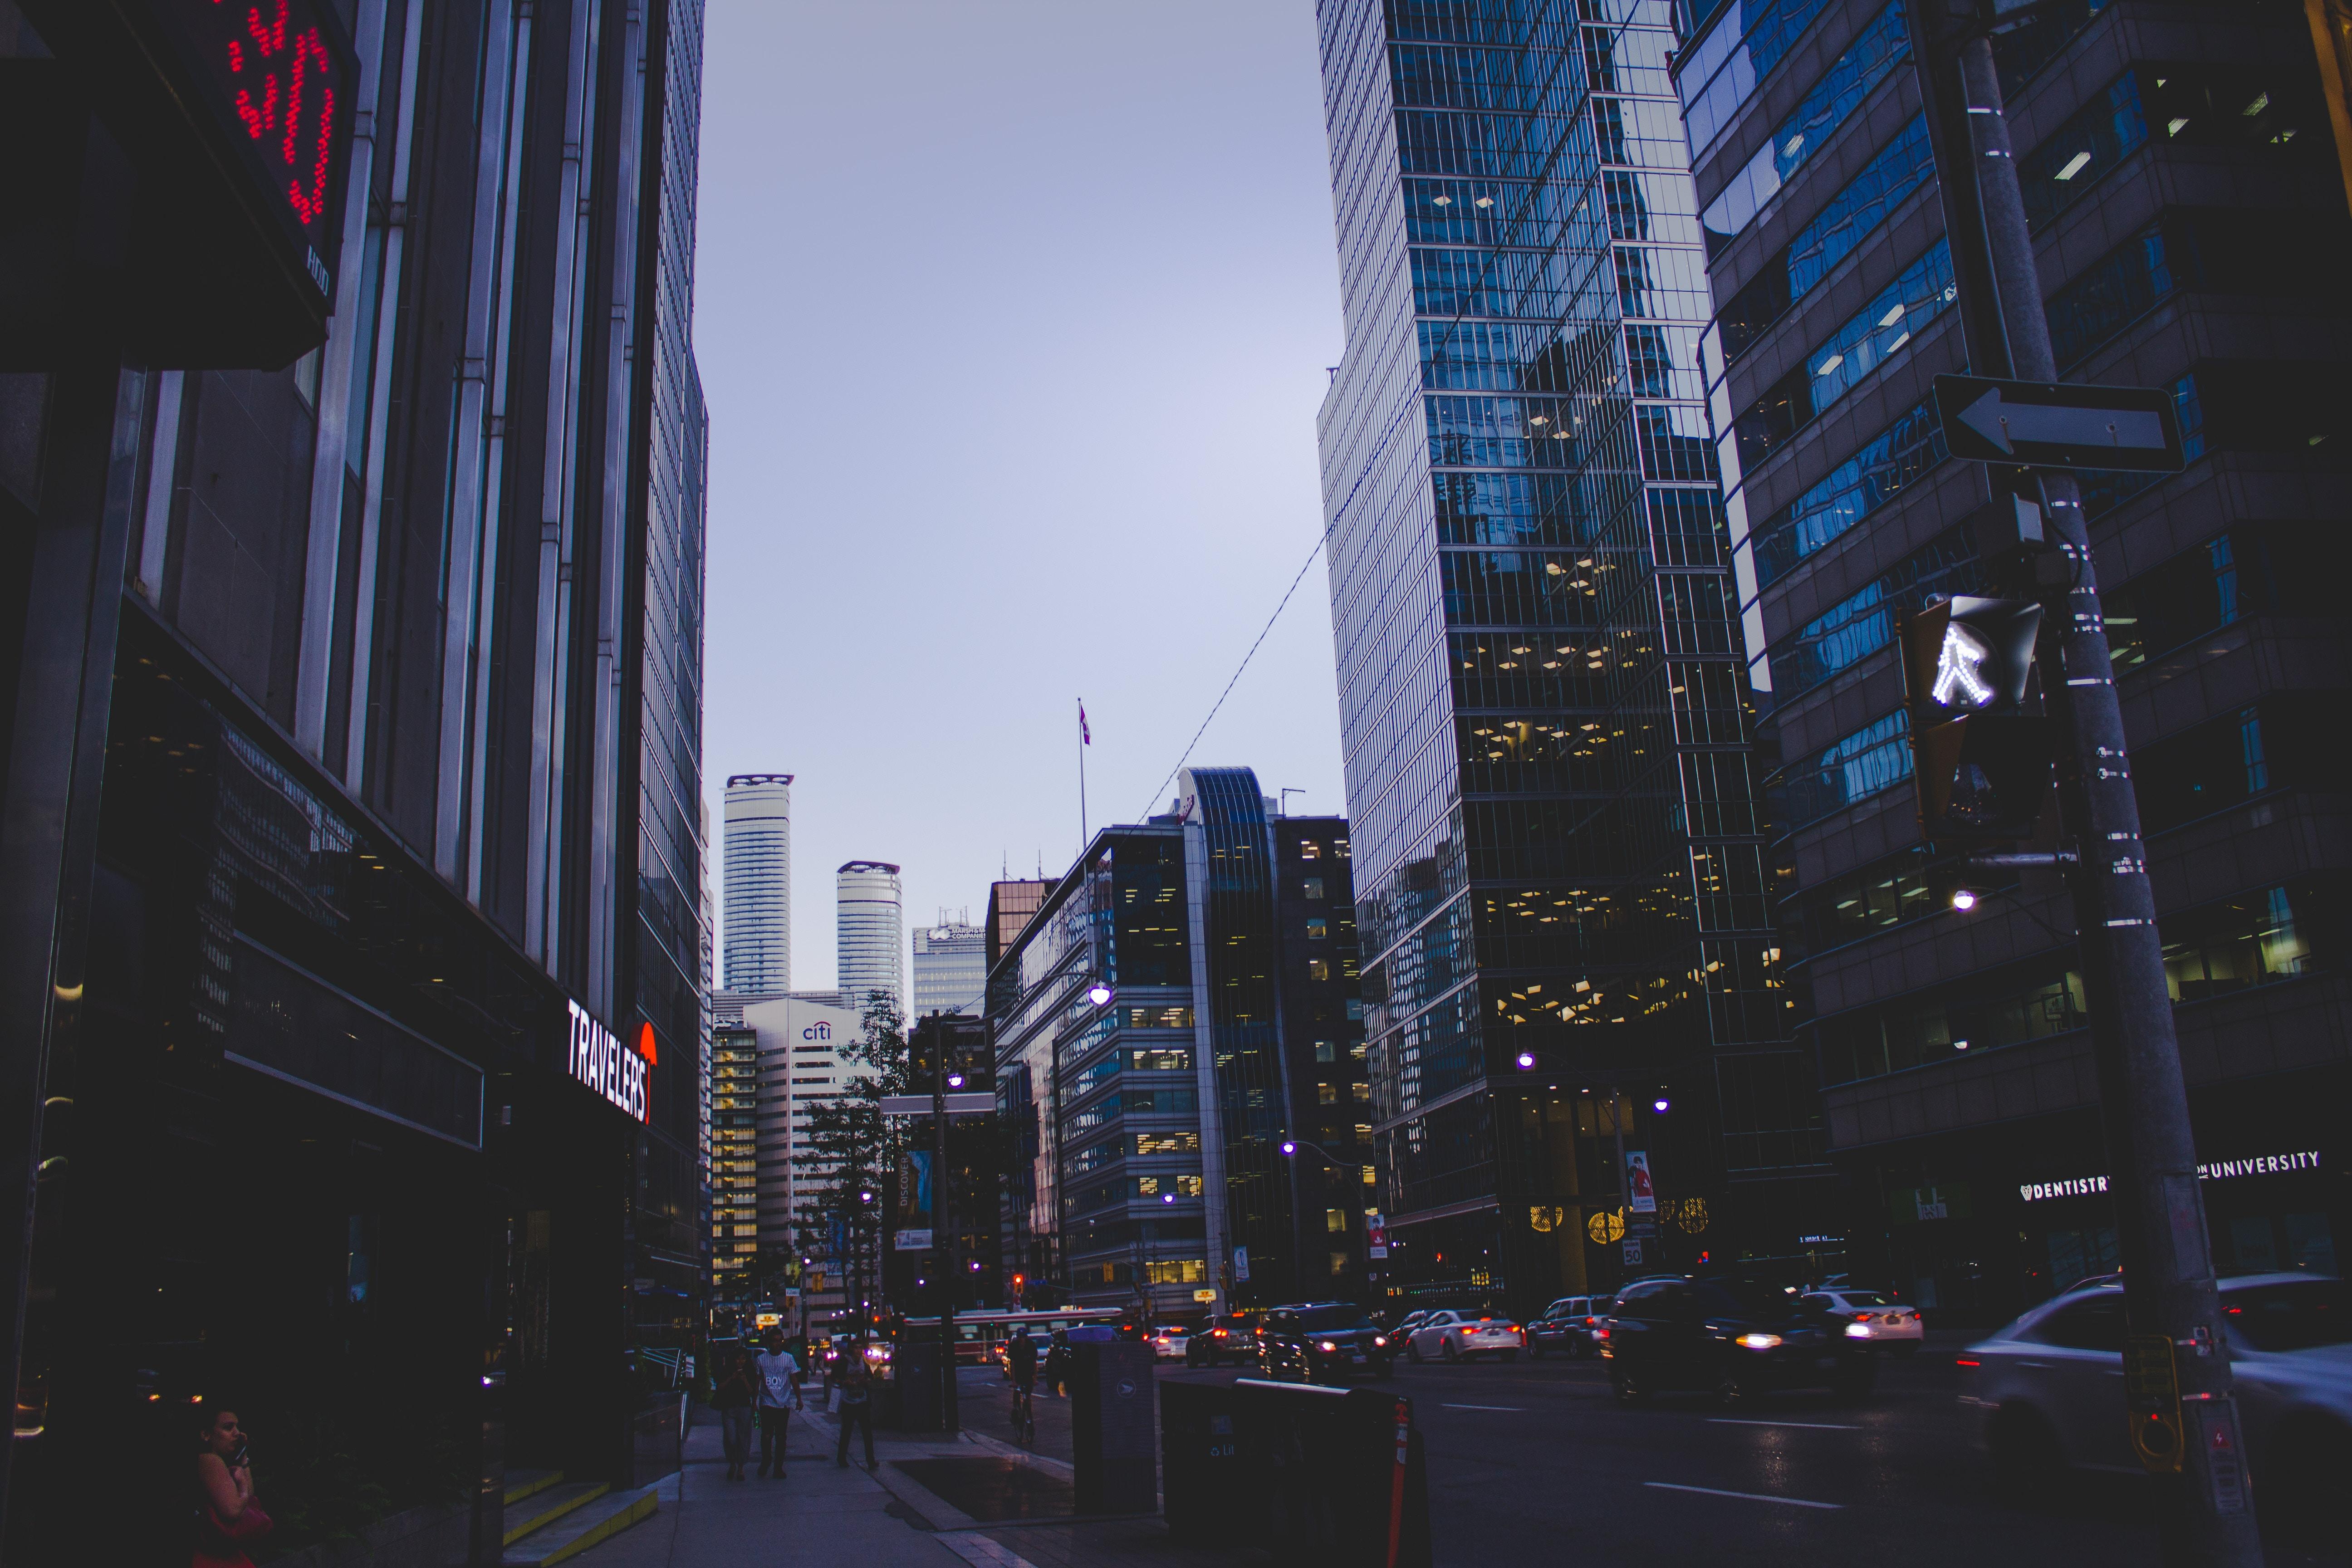 people walking around buildings